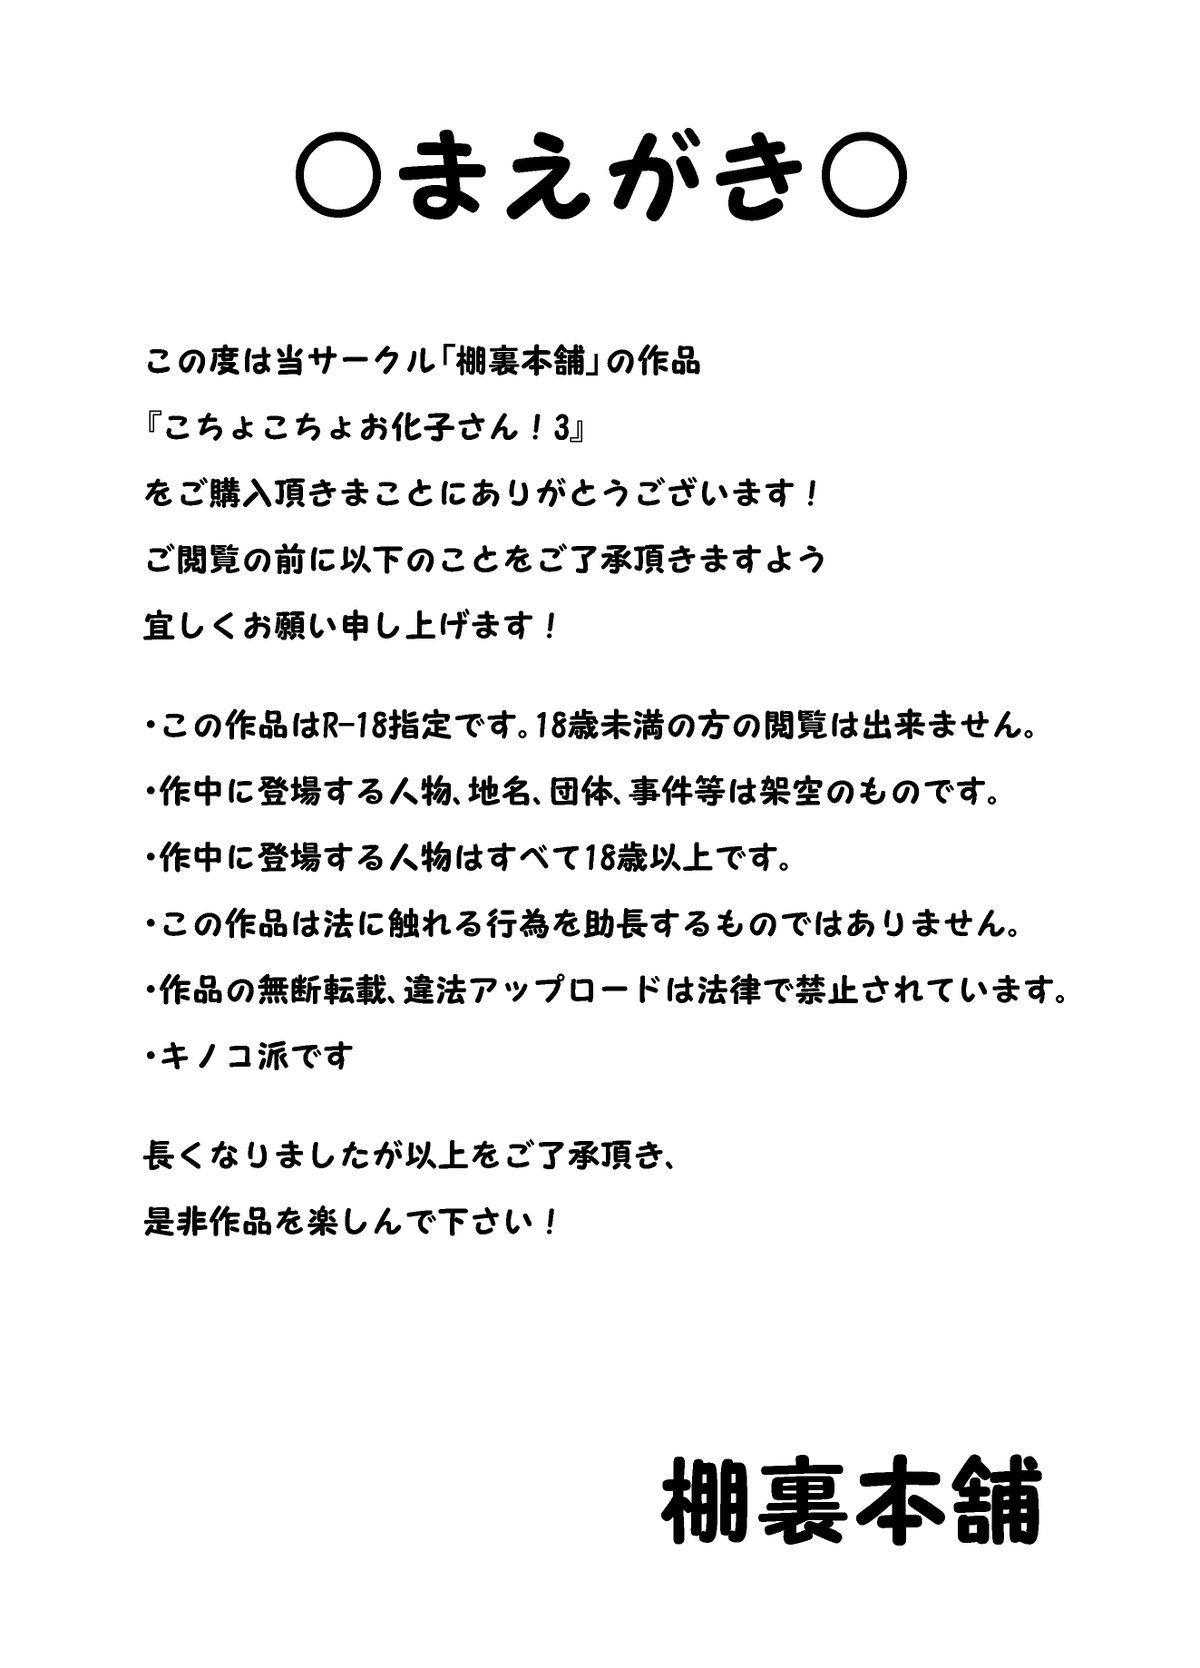 Kochokocho Okako-san! 3 1